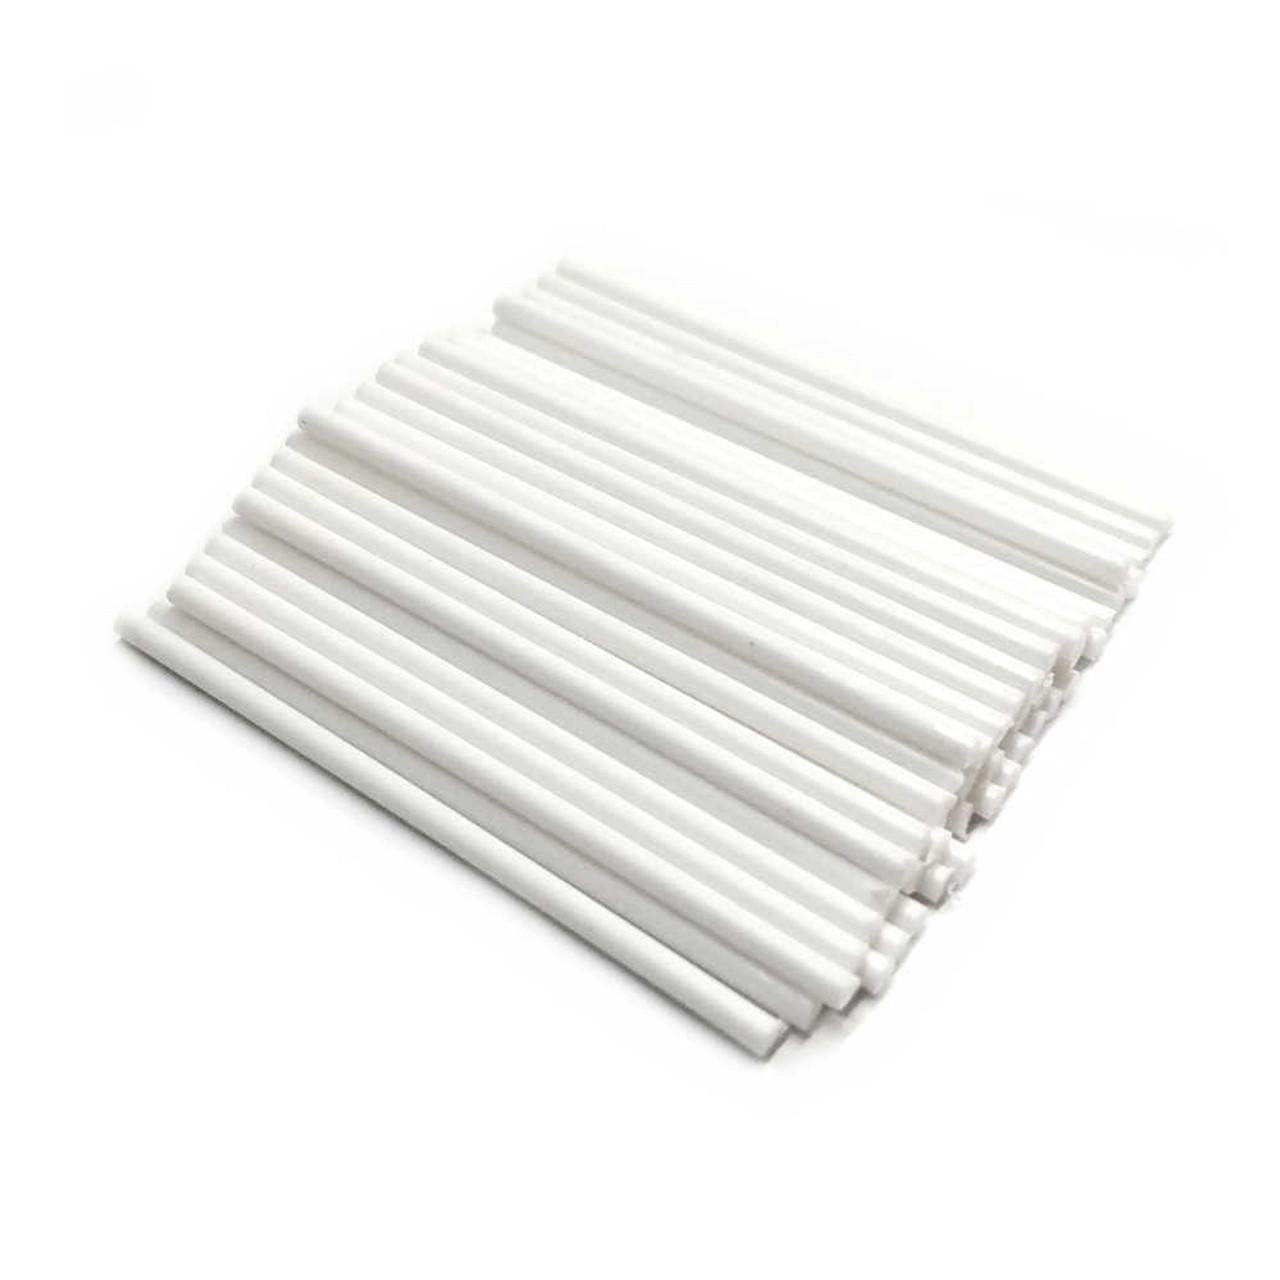 Side Dot Rods - White (pkg 50)